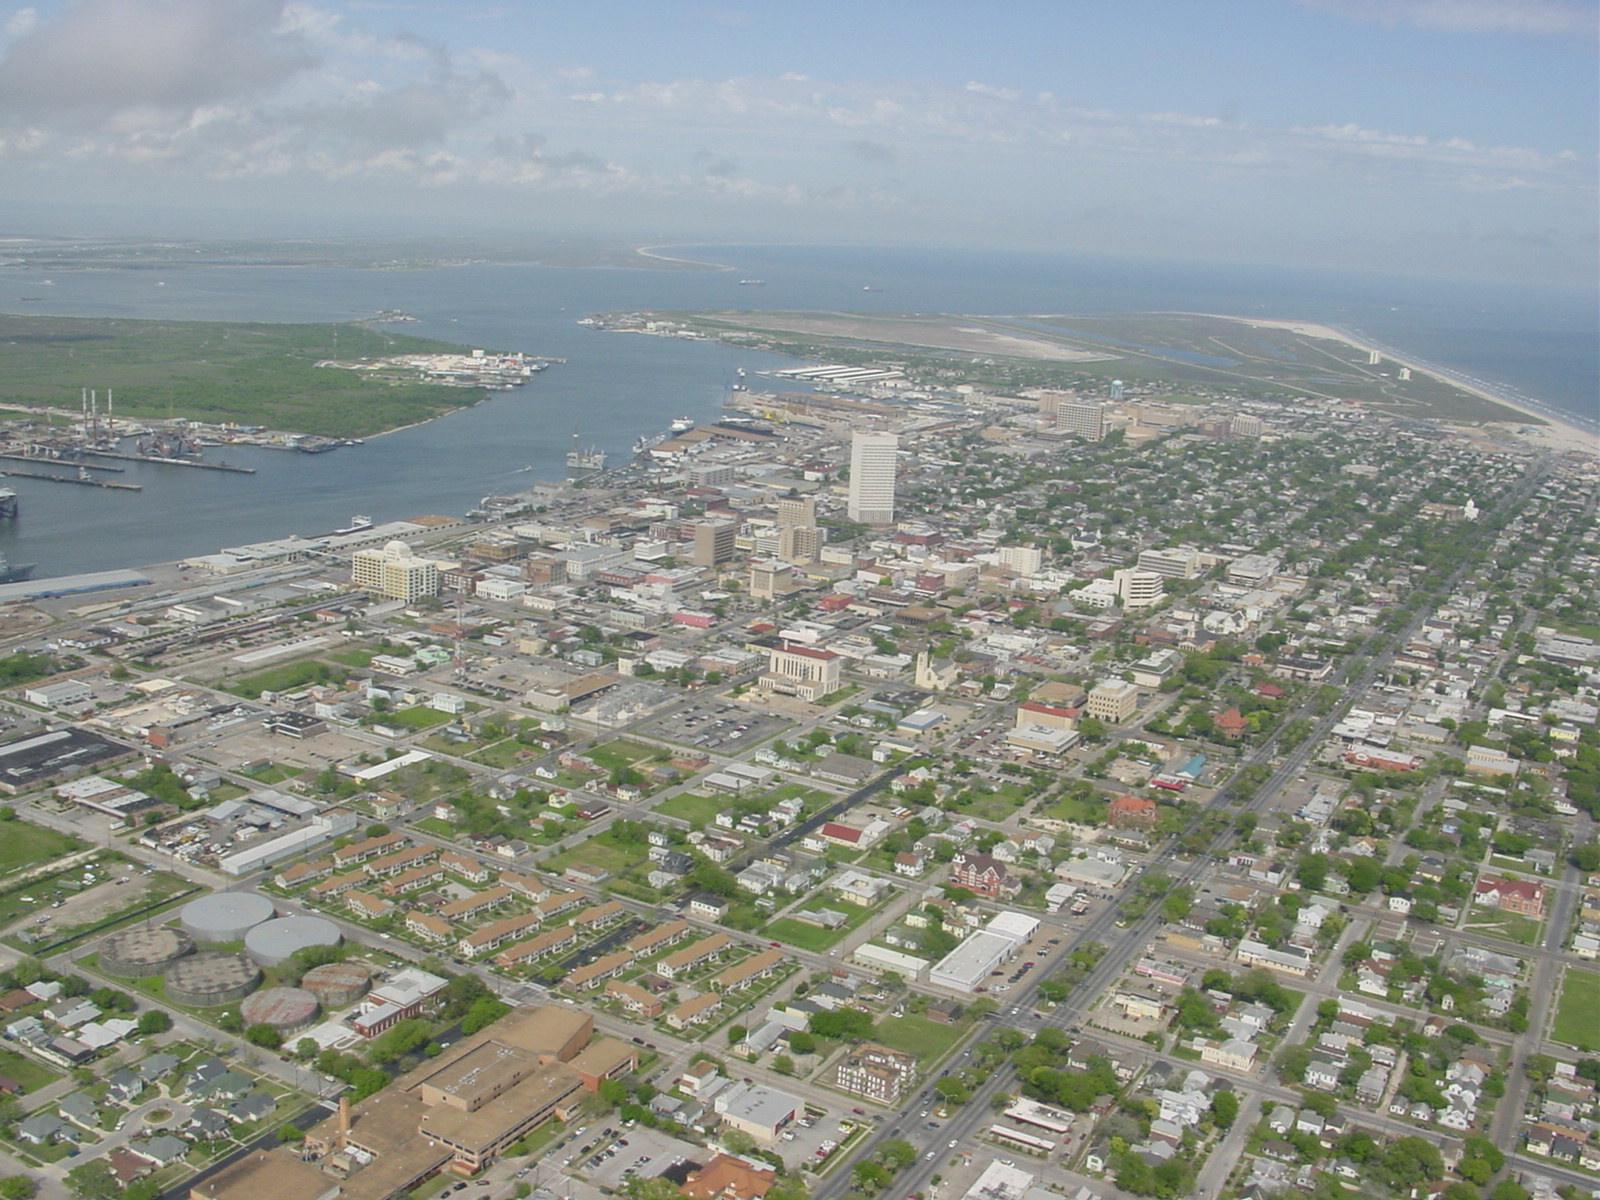 Galveston_(Texas)